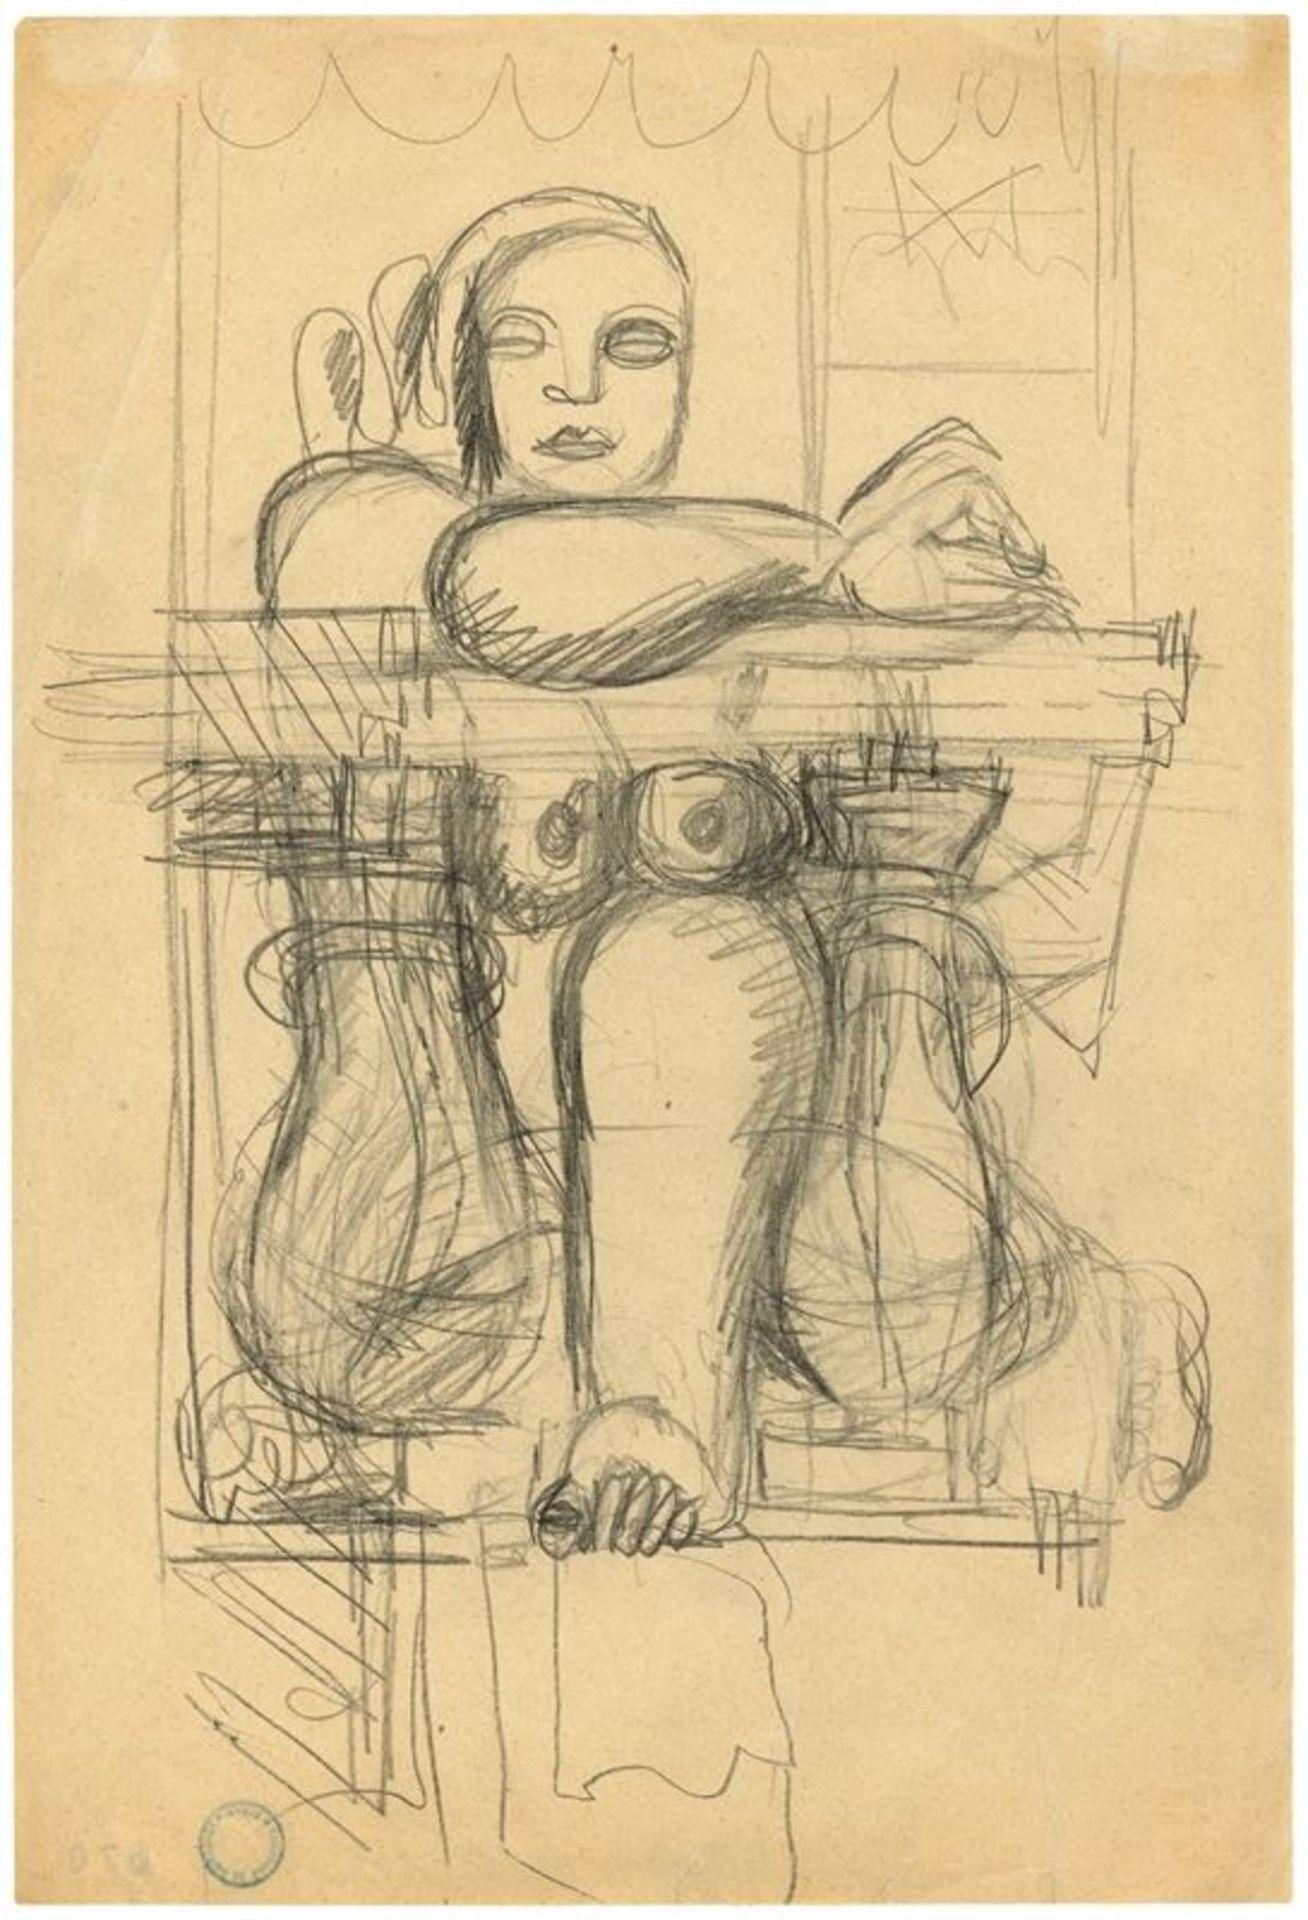 Le Corbusier (La Chaux-de-Fonds 1887 – 1965 Cap Martin)